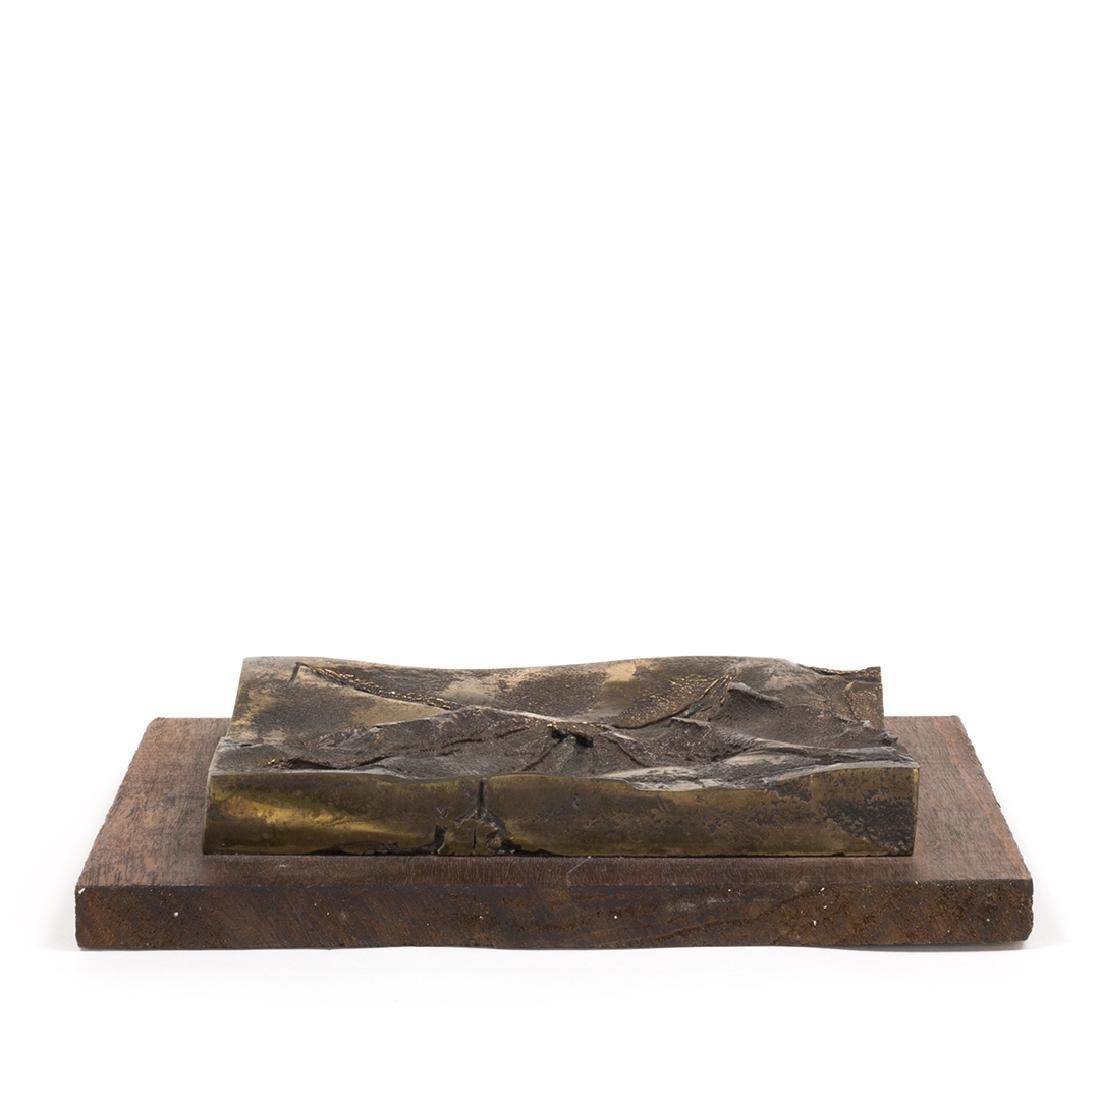 Kenneth Fisher bronze sculpture - 2